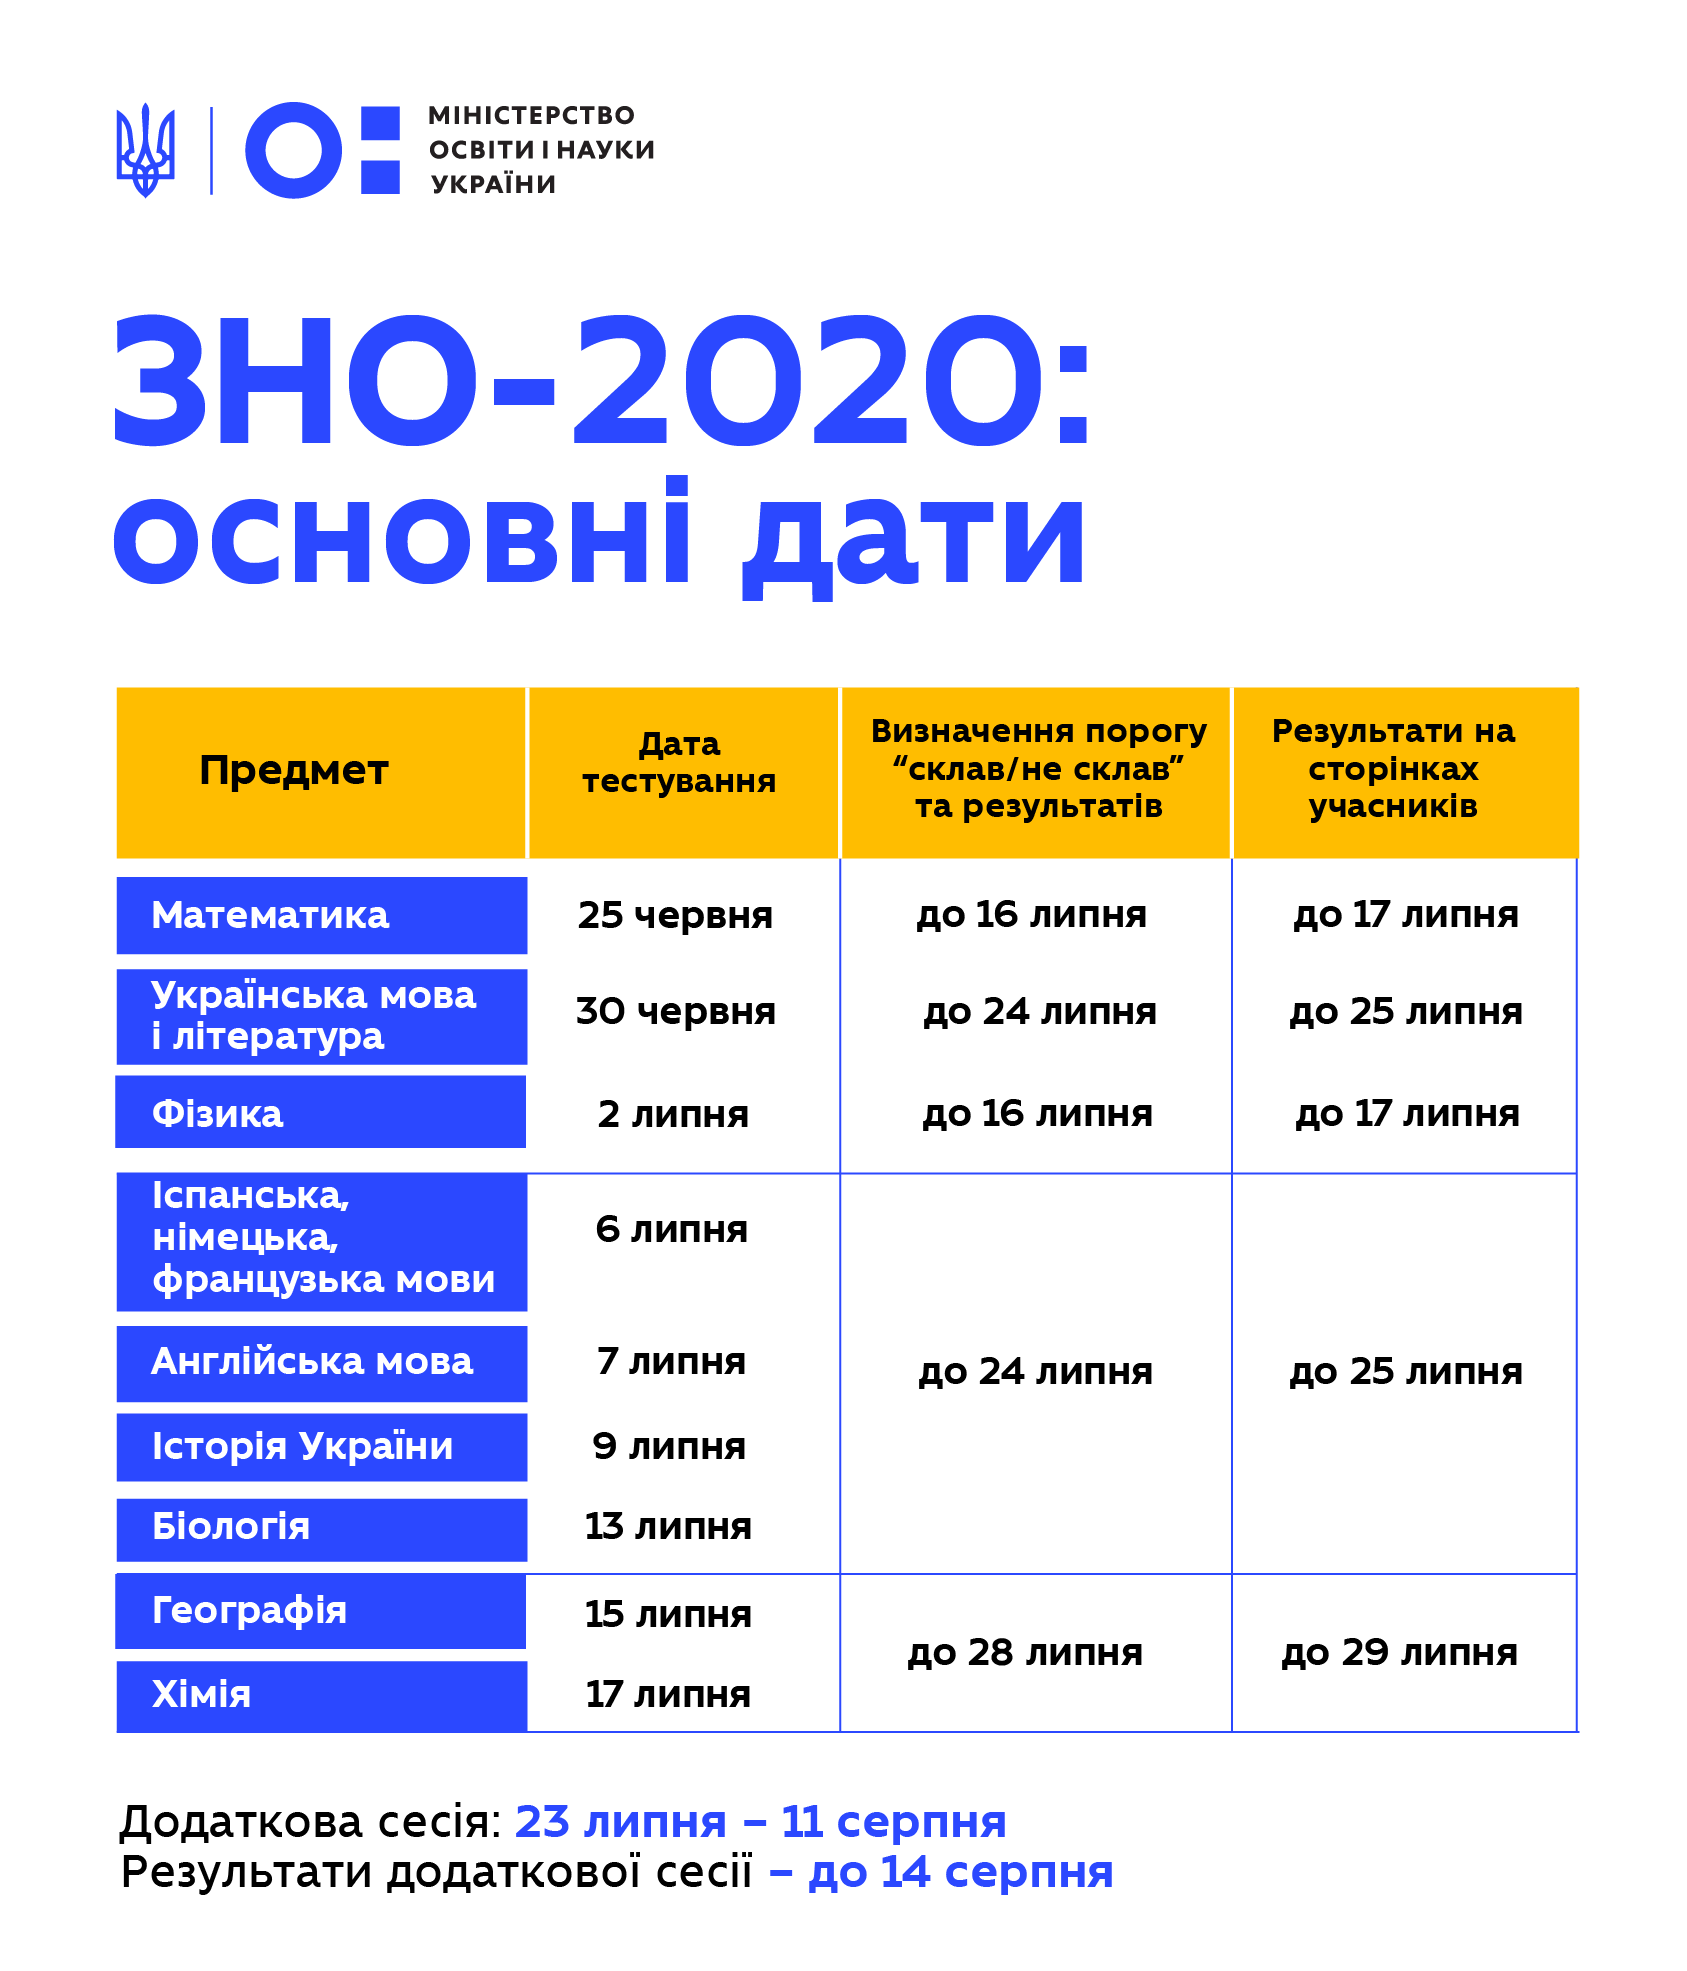 ЗНО-2020: встановлено поточний графік складання